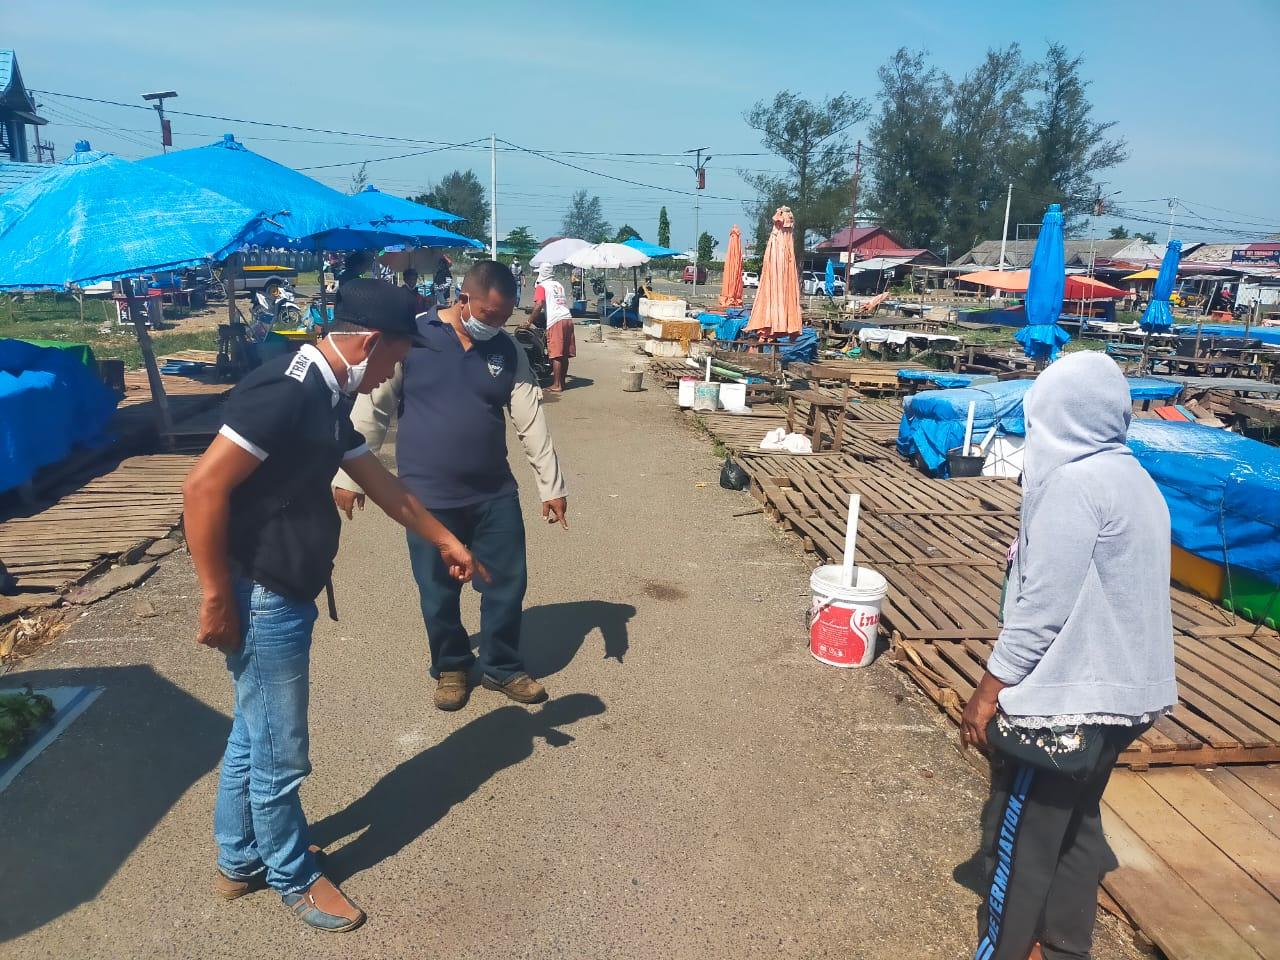 Usai Membacok, Pedagang Ikan TPI Serahkan Diri Ke Polda Bengkulu